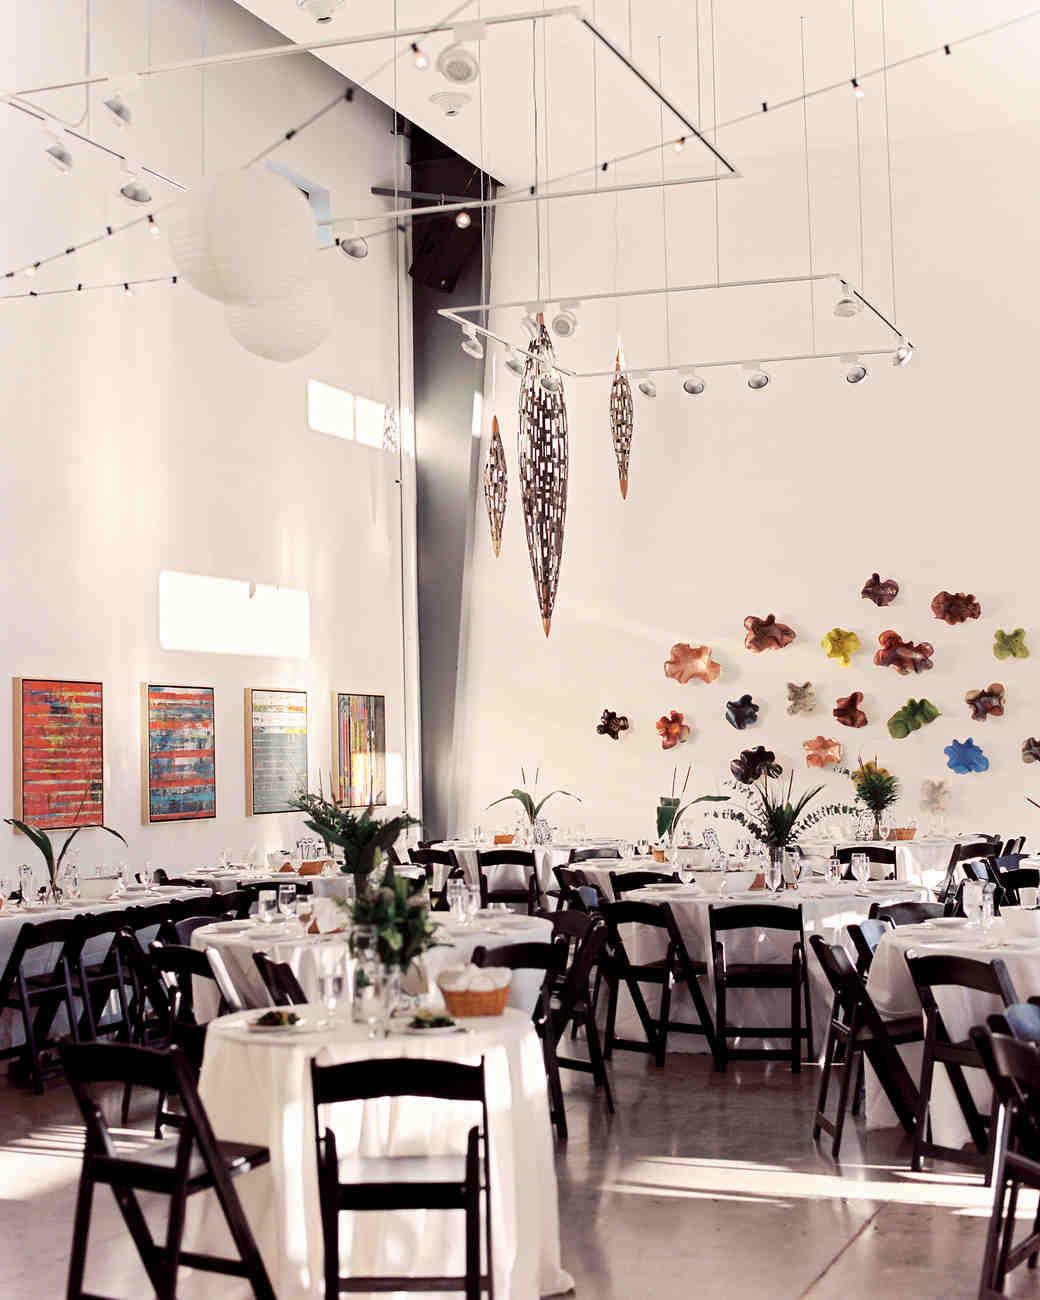 sydney-mike-wedding-reception-100-s111778-0215.jpg